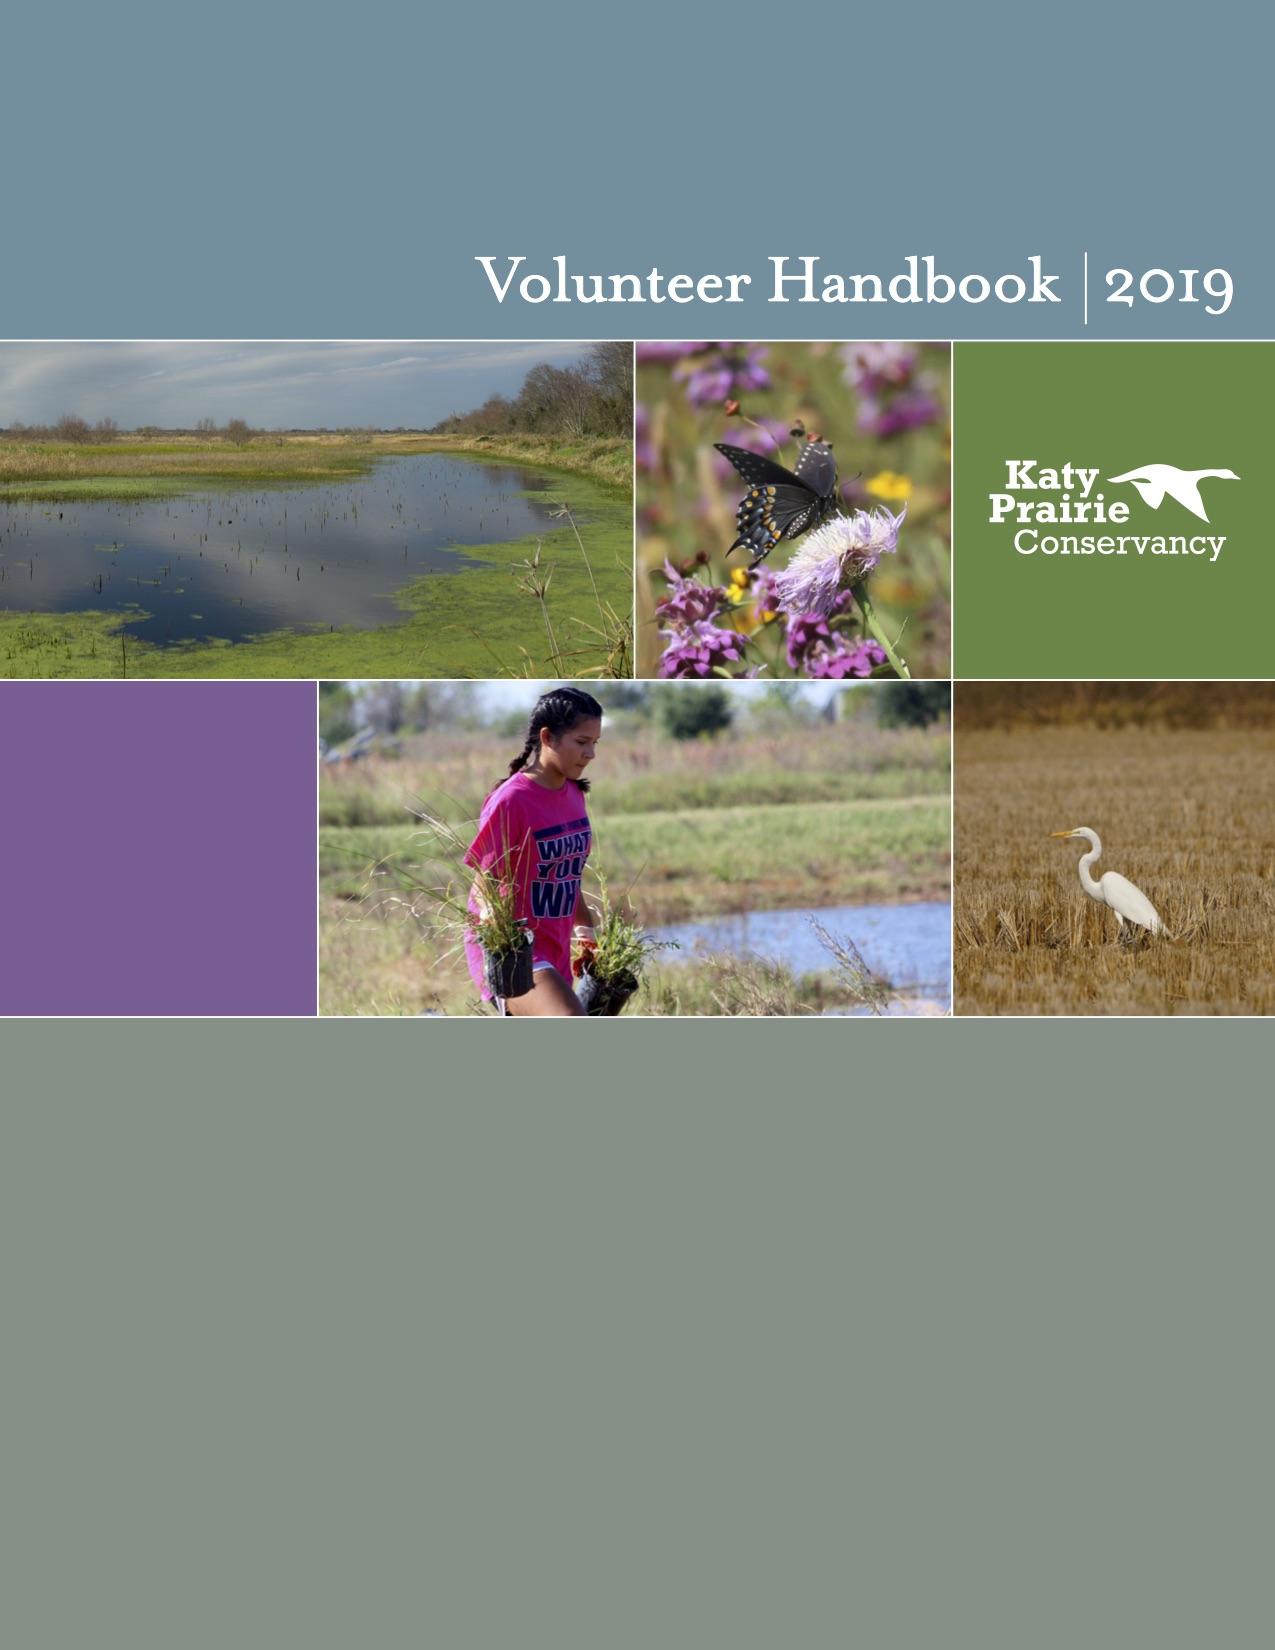 Volunteer Handbook Cover.jpg